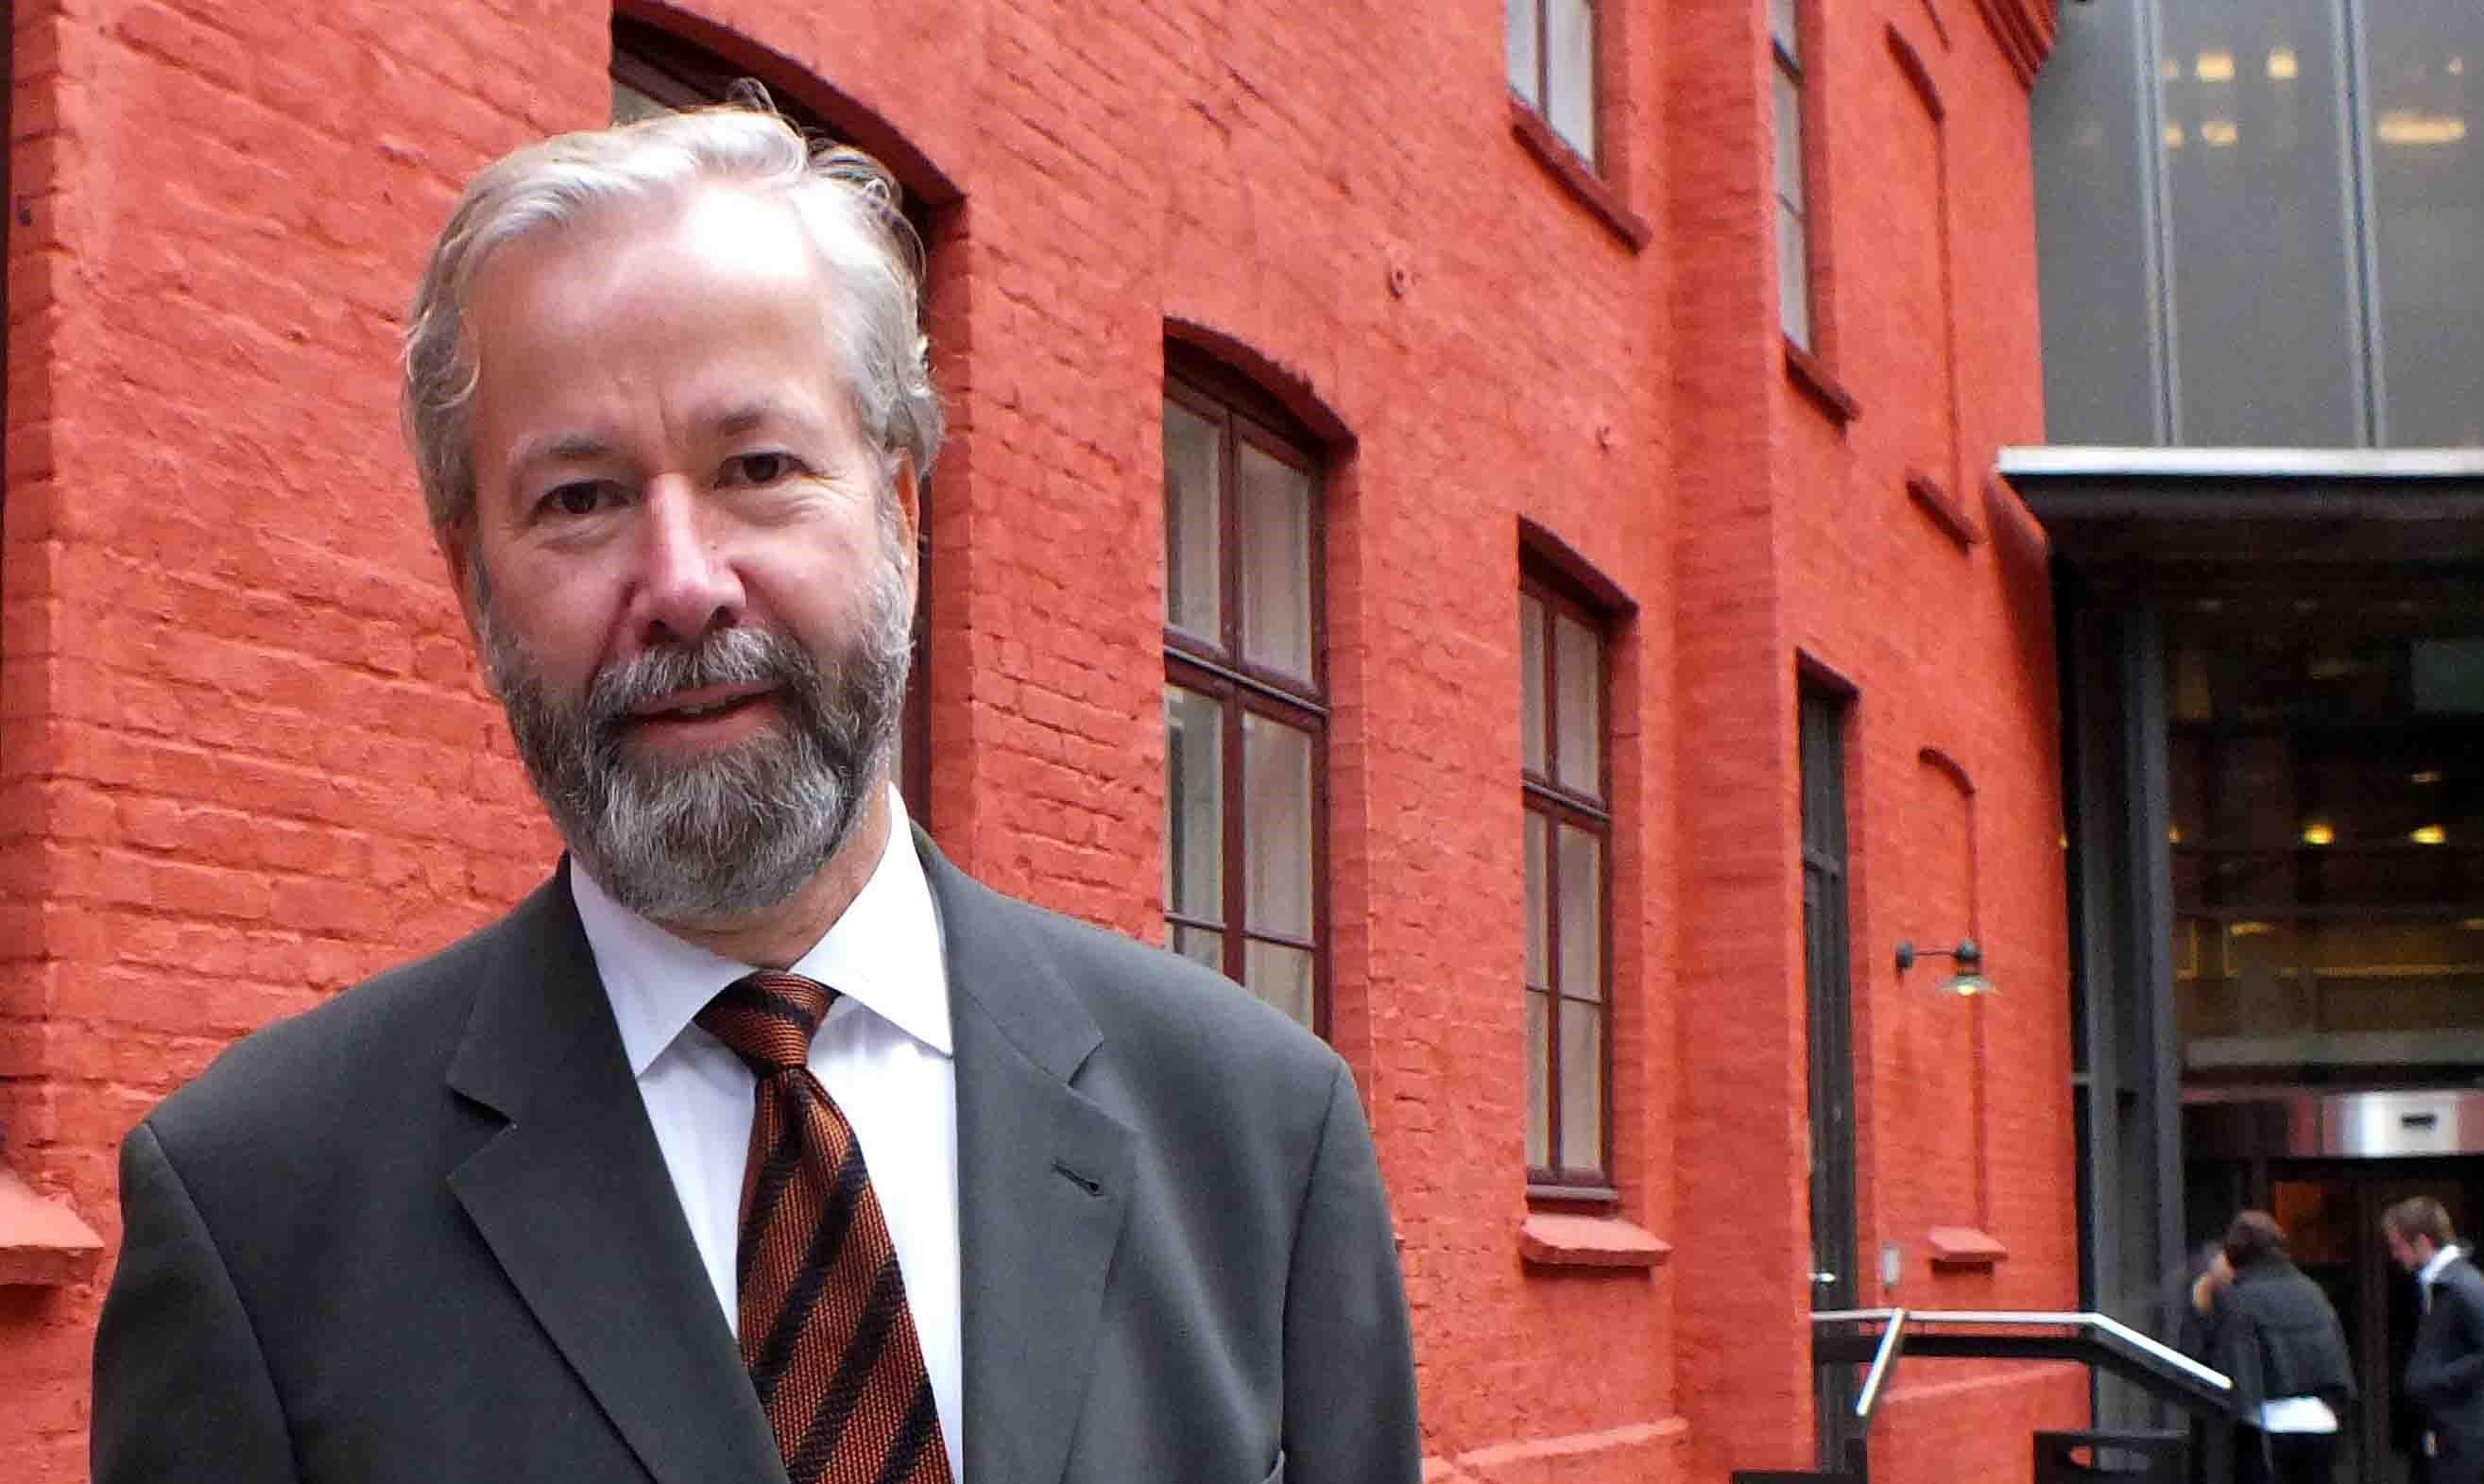 Ole Jacob Sunde: Medierna är det viktigaste - inte om nyheterna trycks på papper